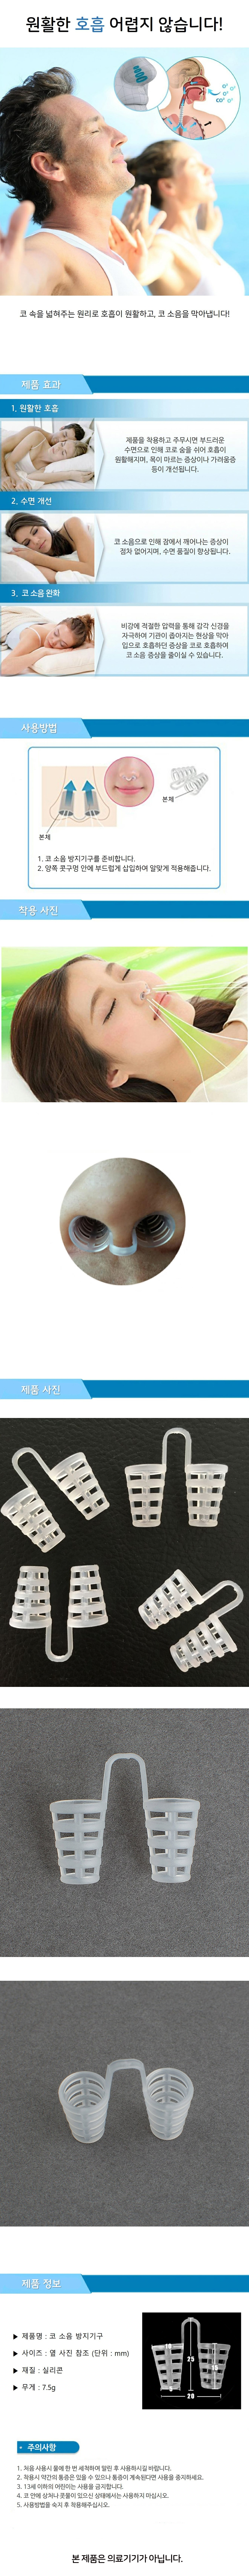 수면 코소음 방지기 - 겔럭시인, 9,800원, 운동기구/소품, 운동소품